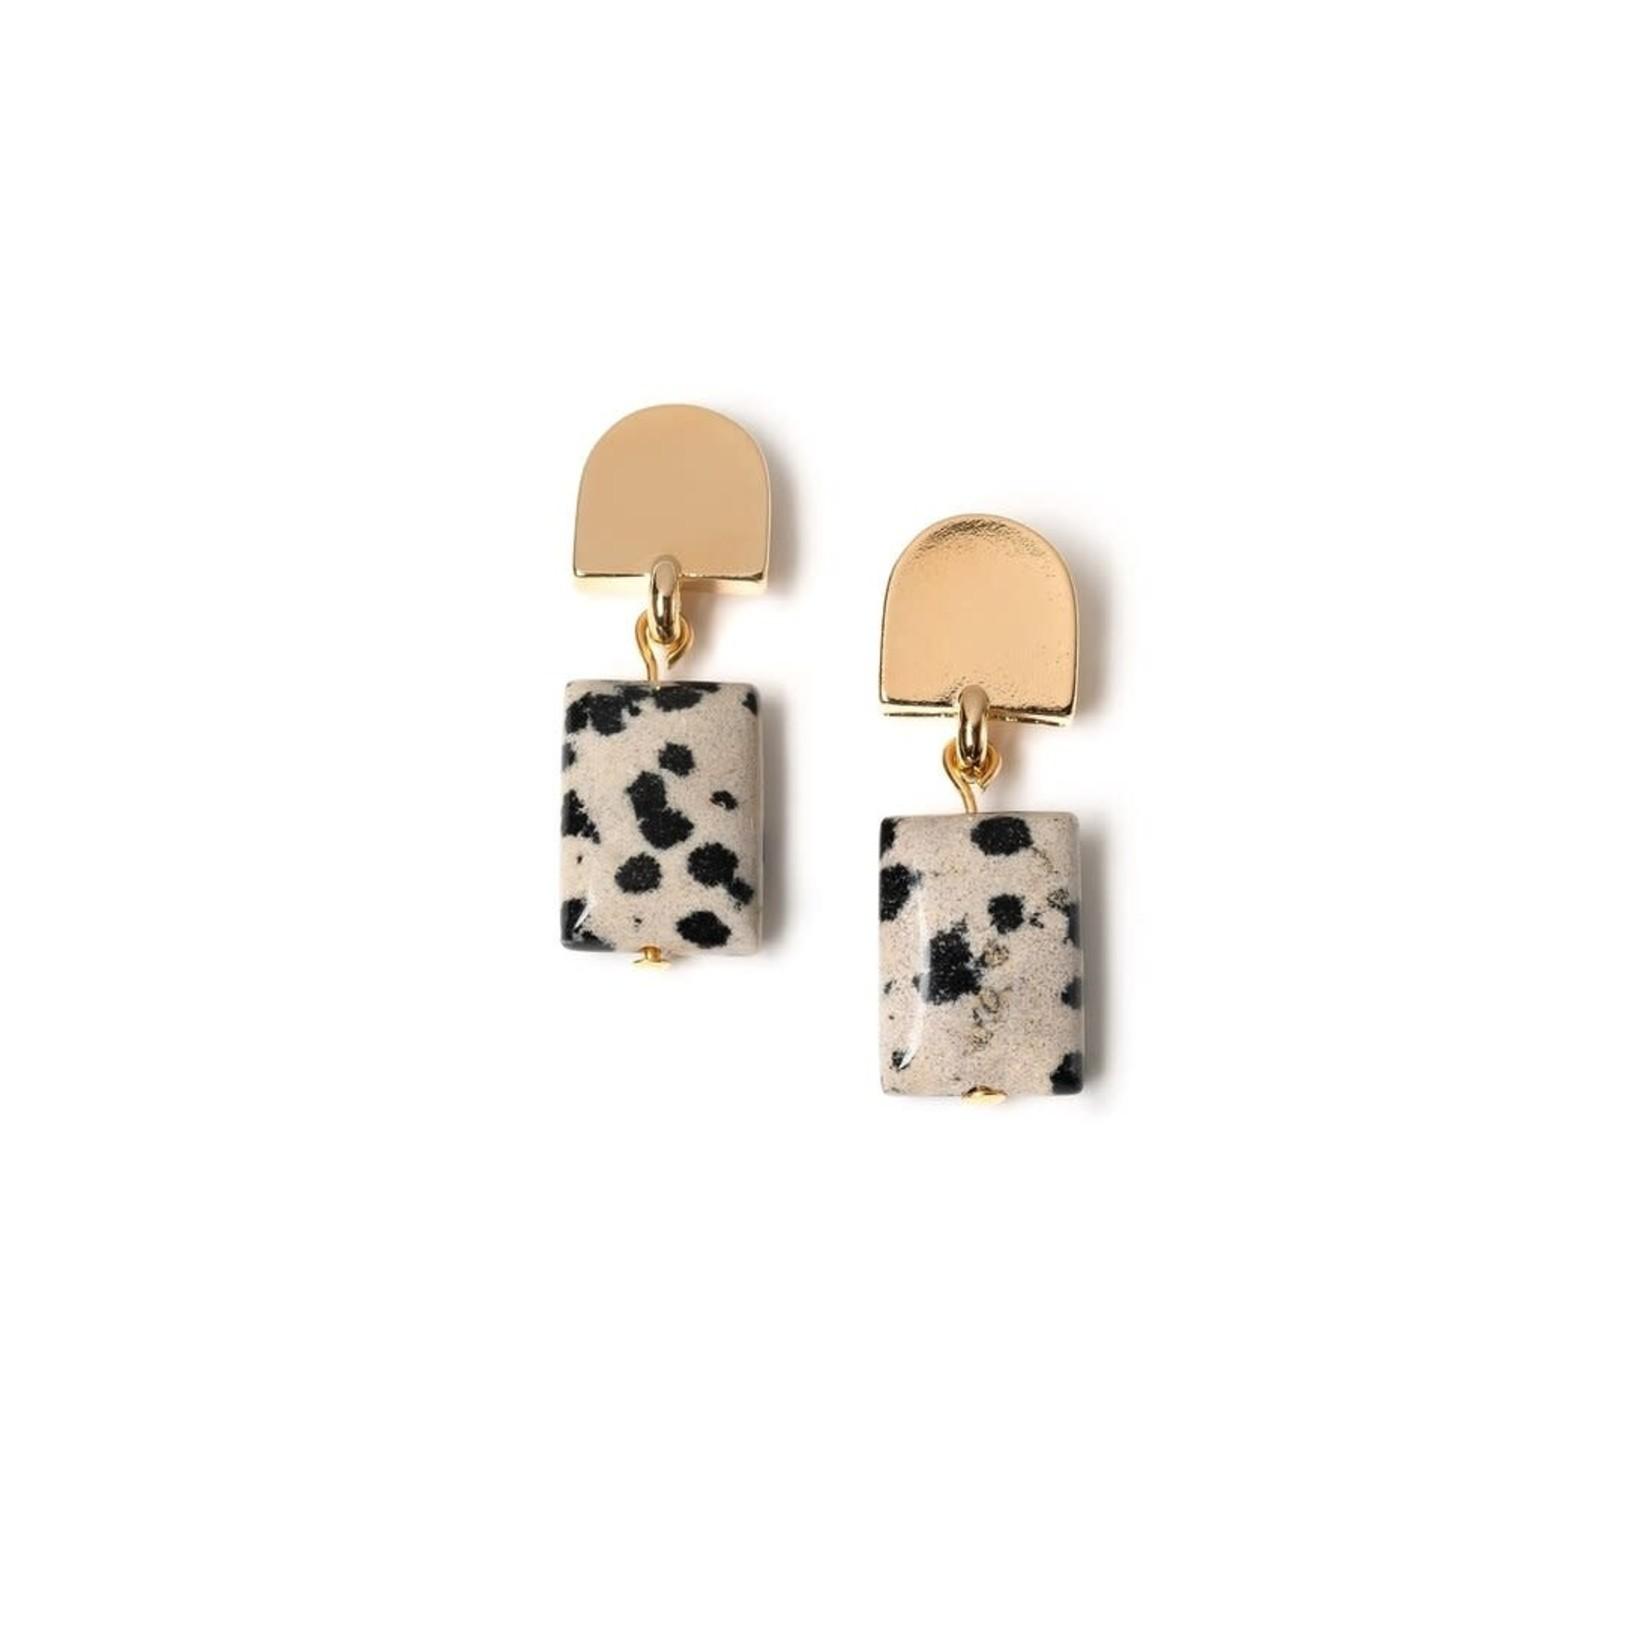 VUE by SEK Gold Dome Earrings